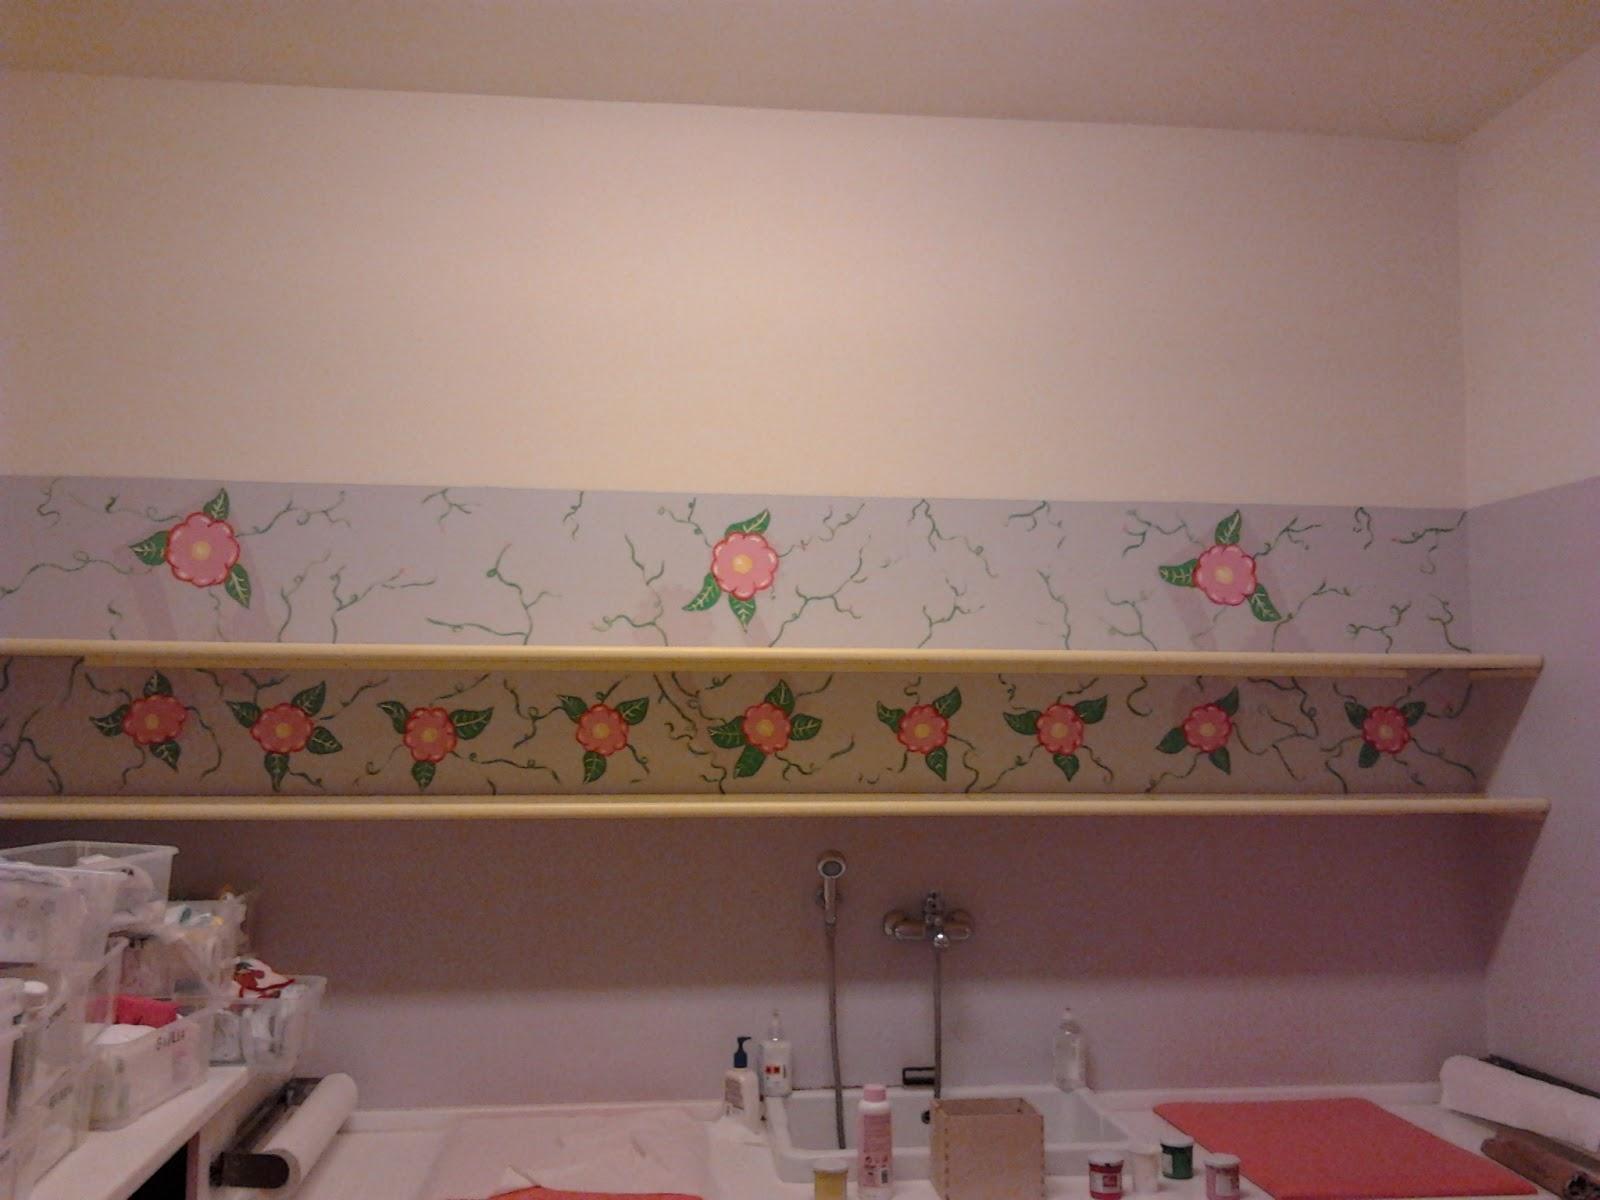 Silvia fassina arts and jobs pareti bagni dell 39 asilo - Decorazioni pareti bagno ...